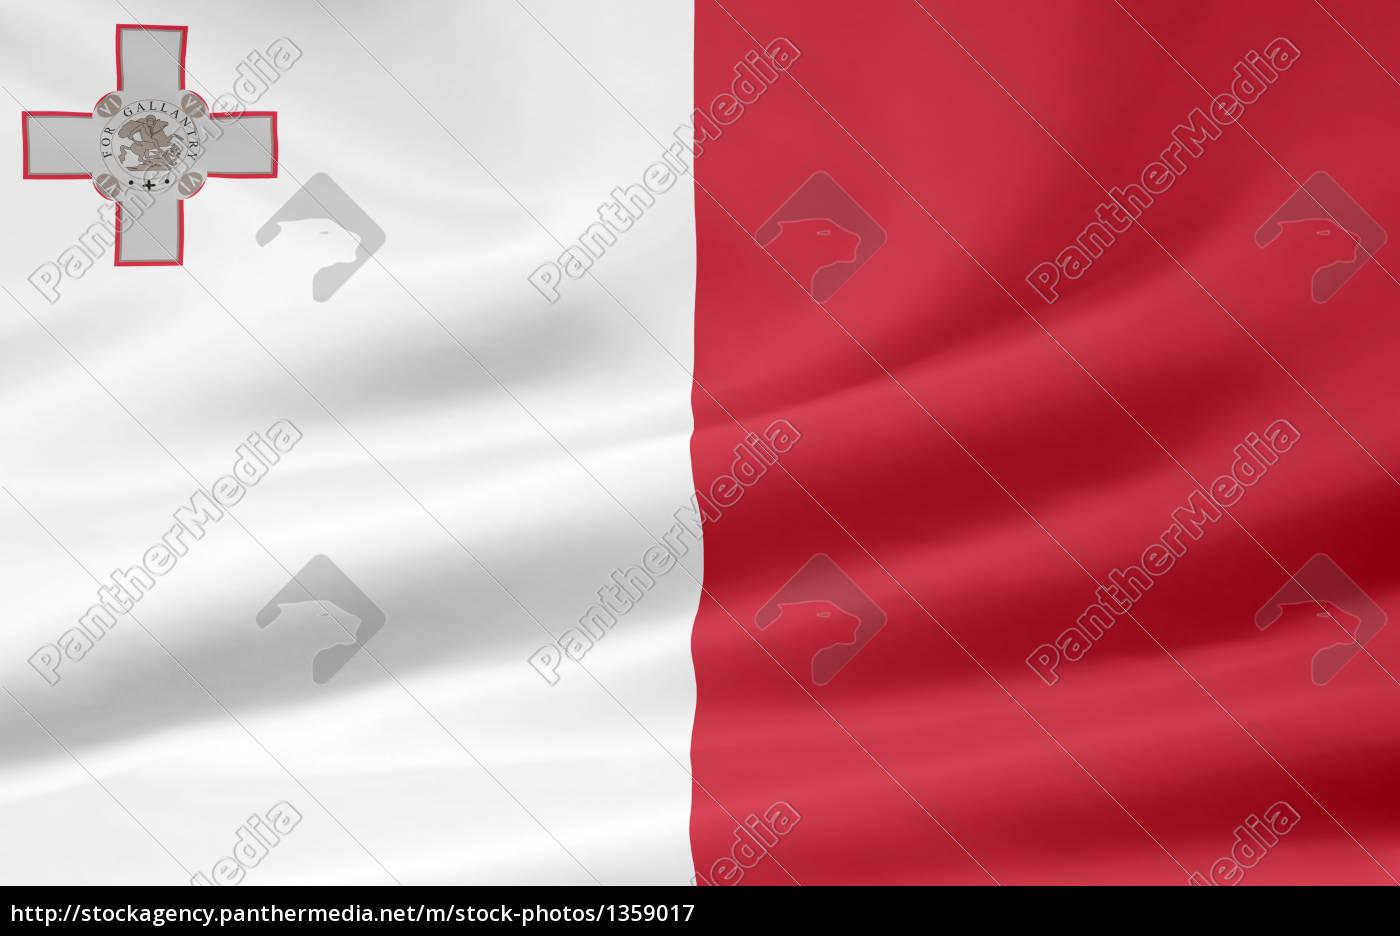 maltese, flag - 1359017